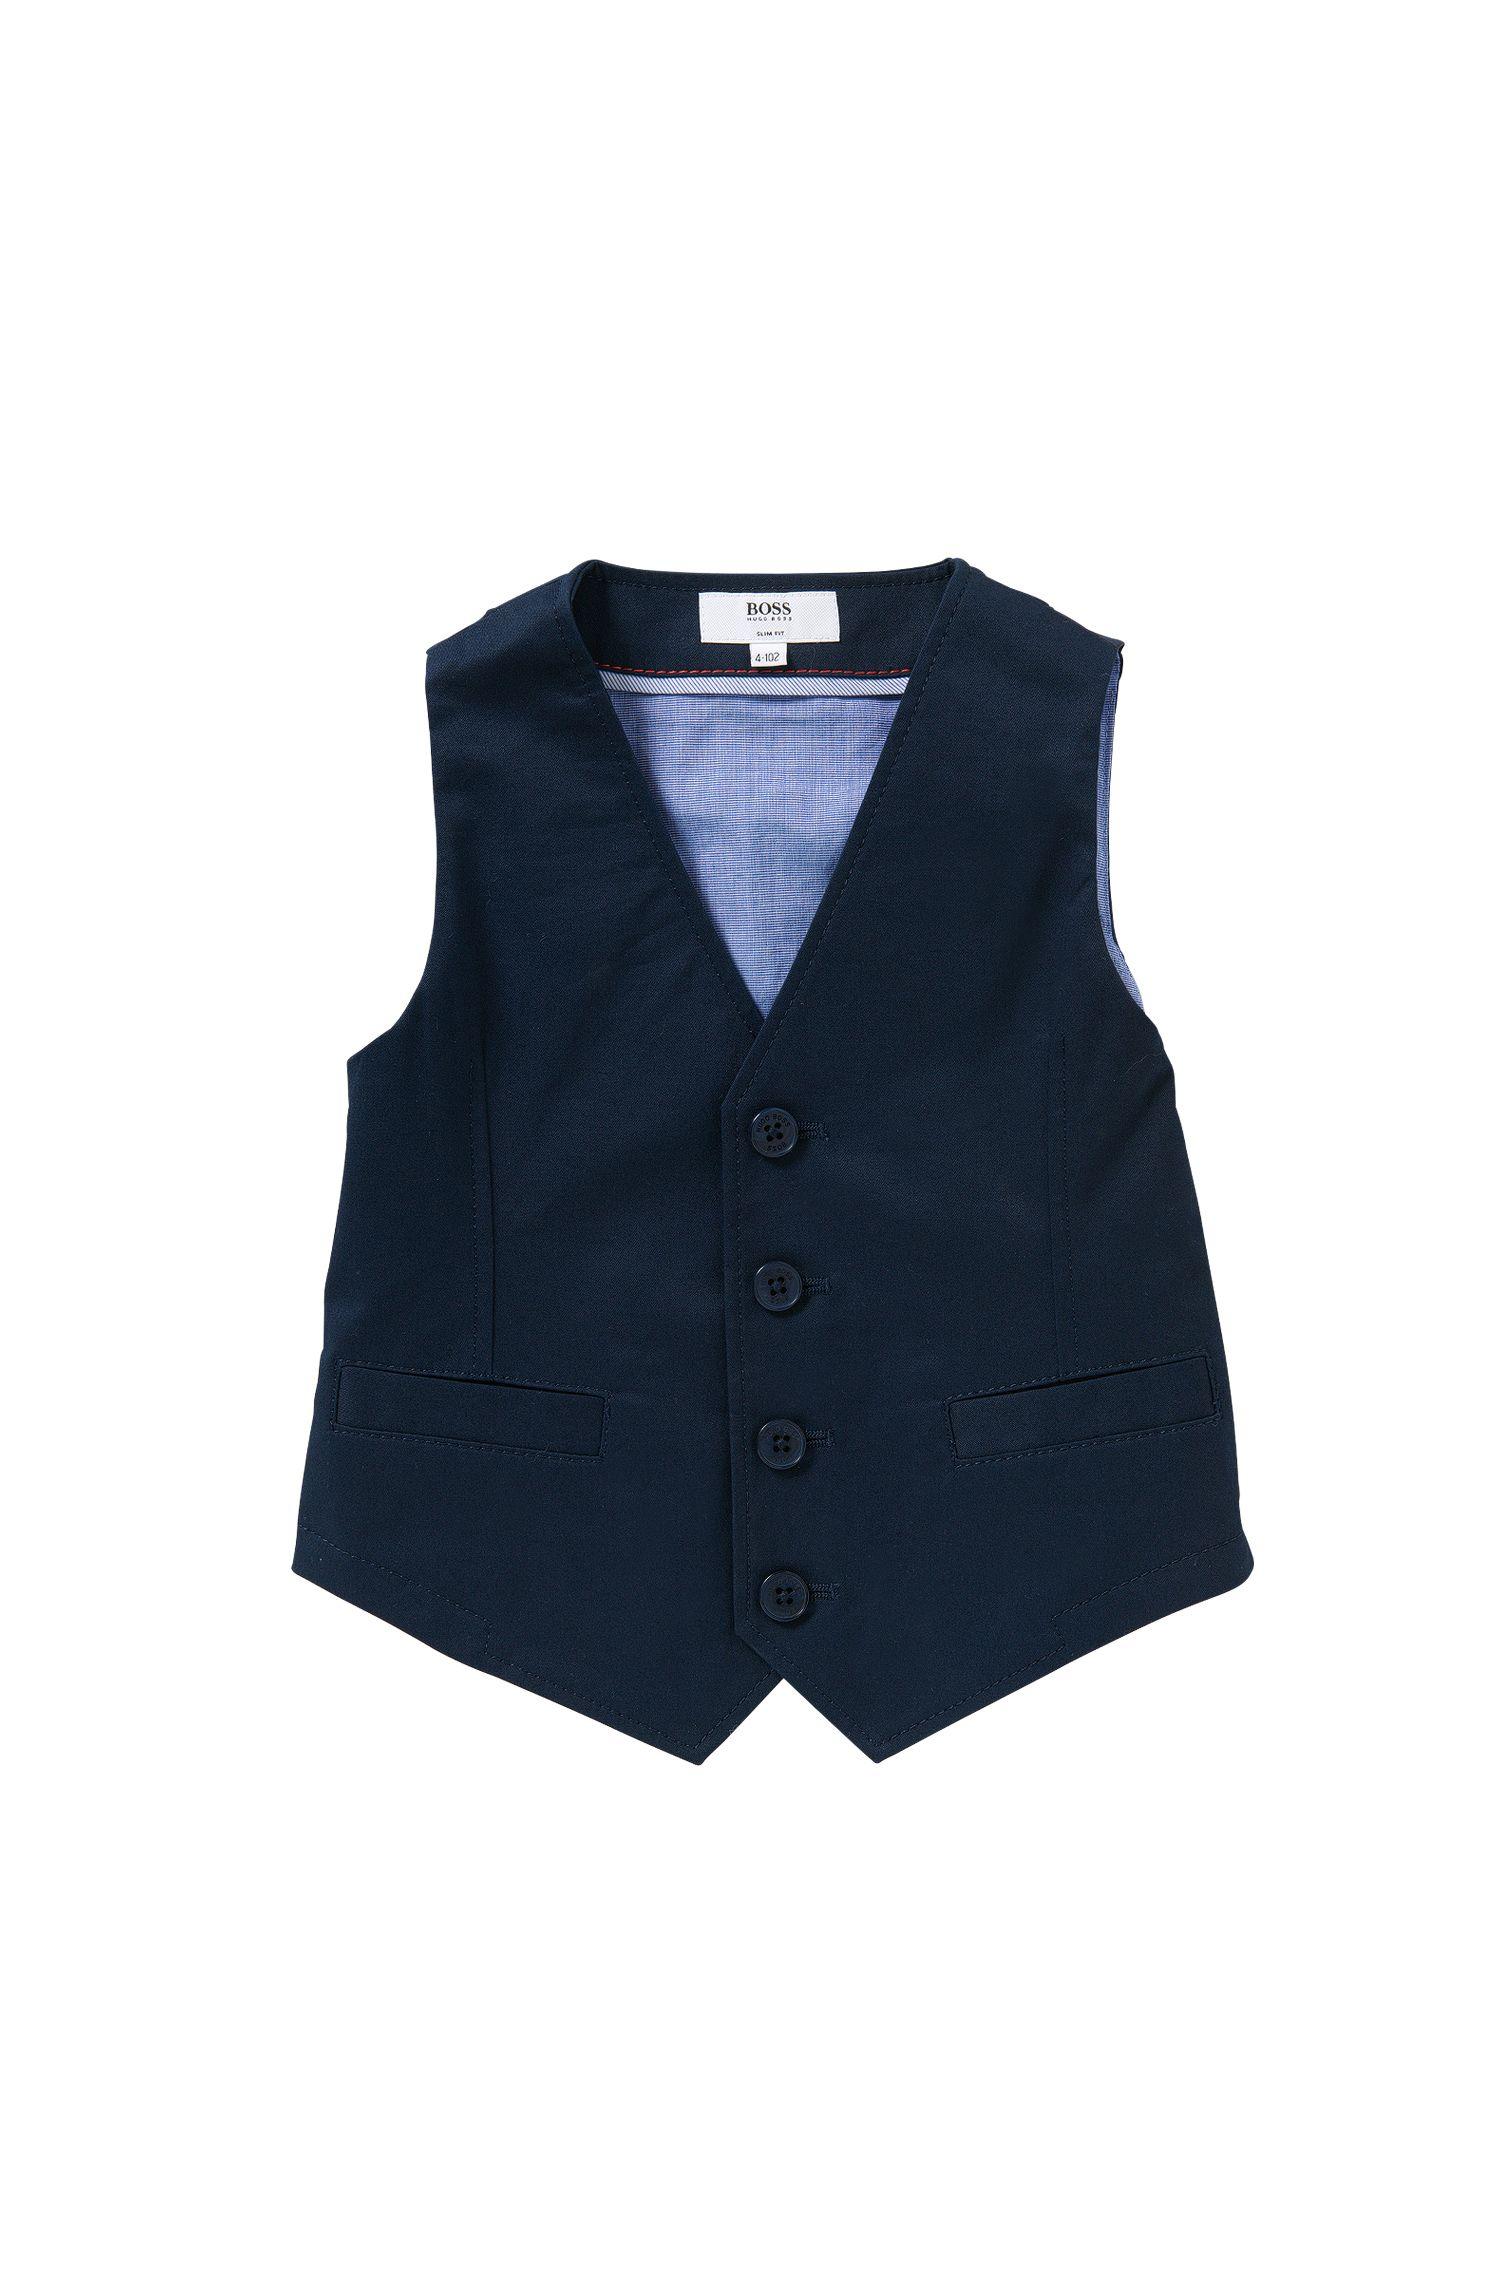 Gilet pour enfant en coton extensible: «J25953»